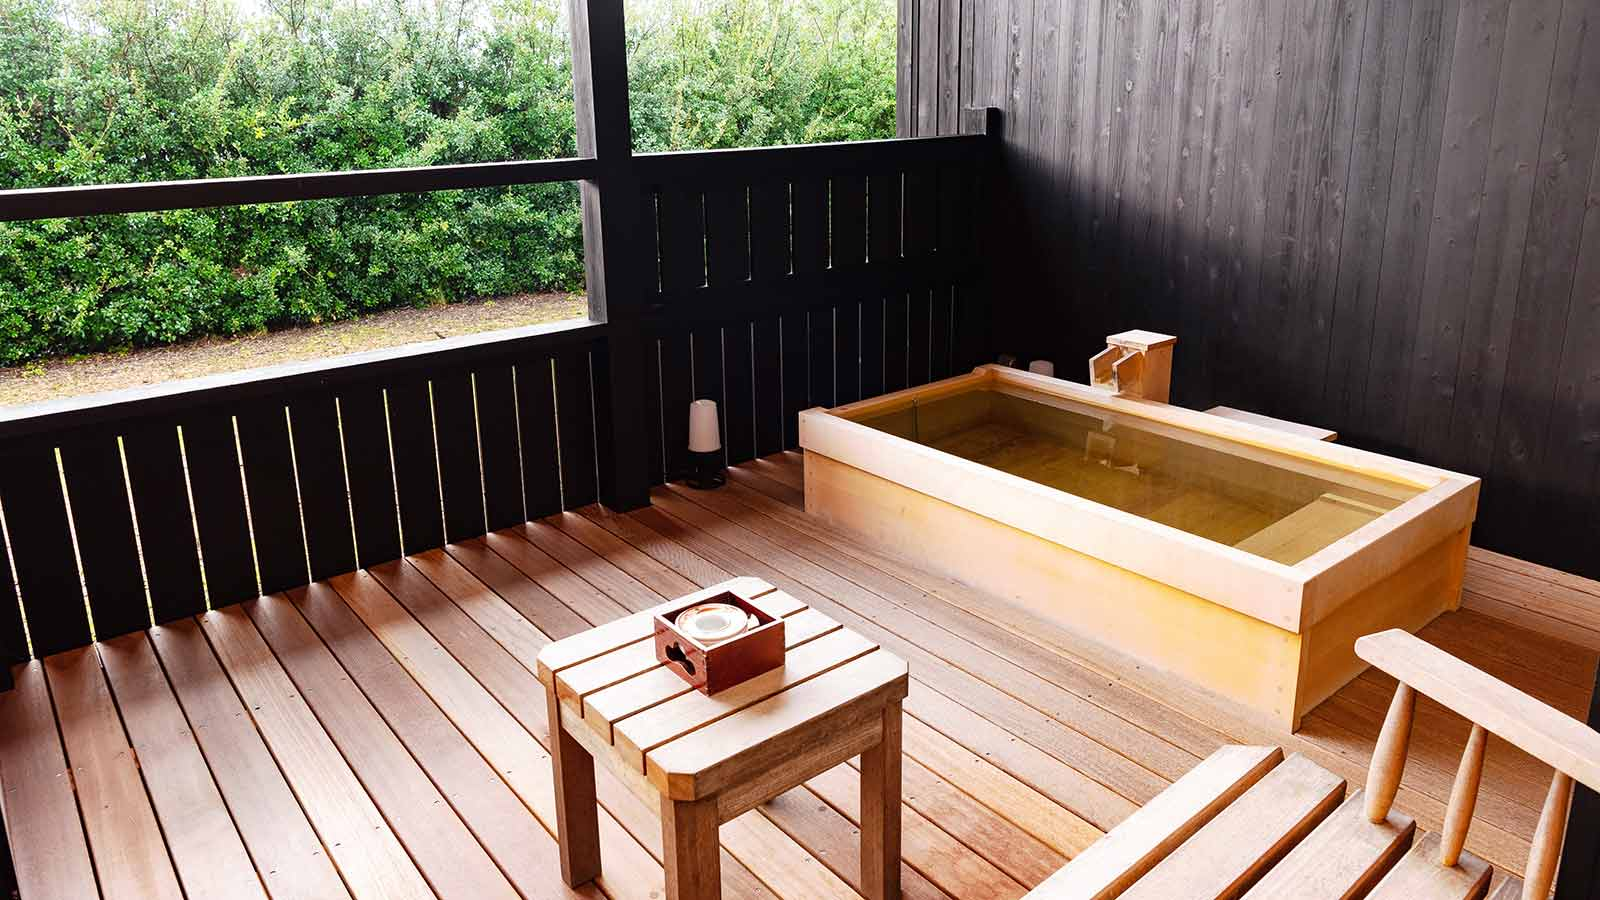 熊野古道巡りにも!世界遺産のふもとでキレイを磨く大人のおこもり旅